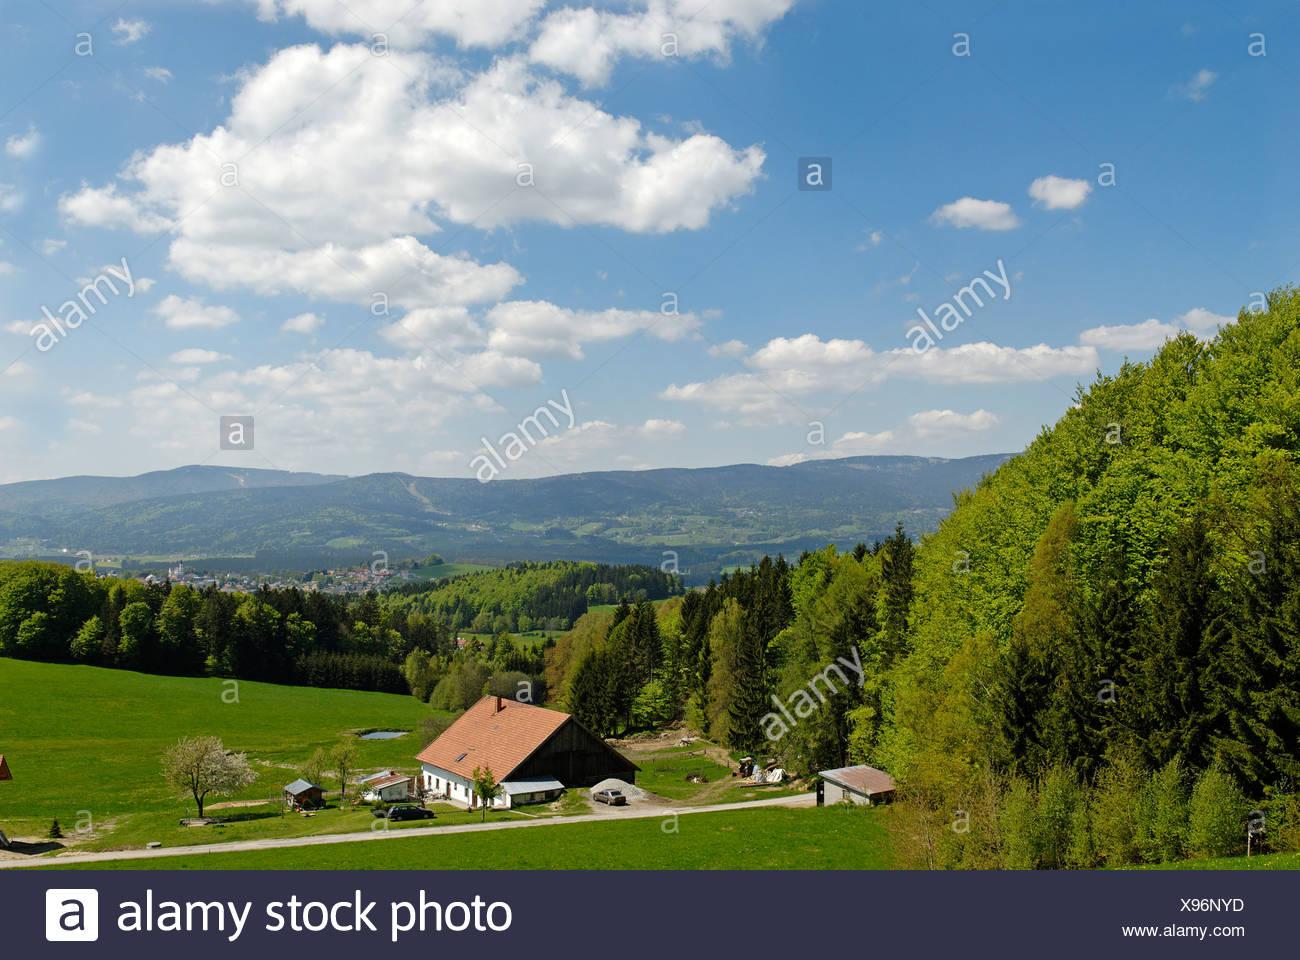 In der Nähe von Breitenberg, Bayerischer Wald, untere Bayern, Deutschland, Europa Stockbild